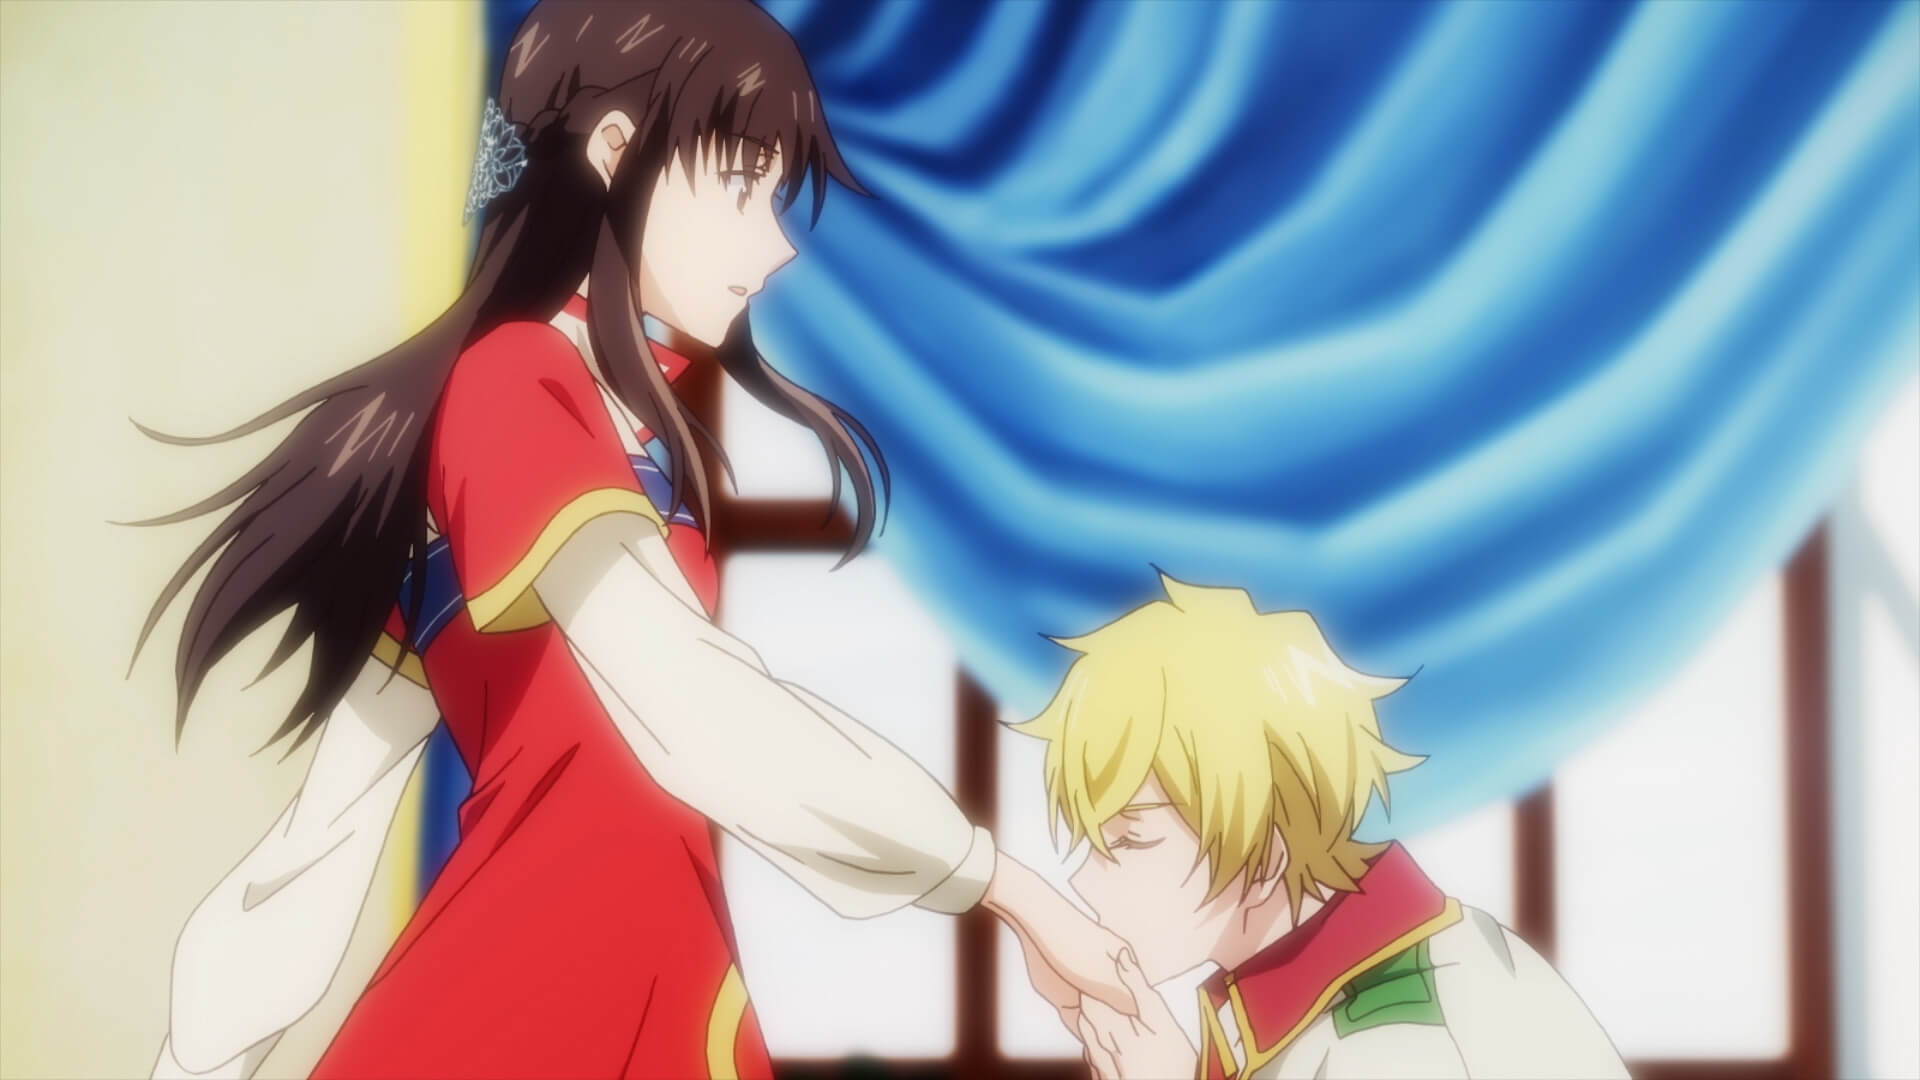 『終末のワルキューレ』『花より男子』『不滅のあなたへ』と話題作続々配信!6月のNetflixアニメラインナップが解禁 art210521_netflix_anime_12